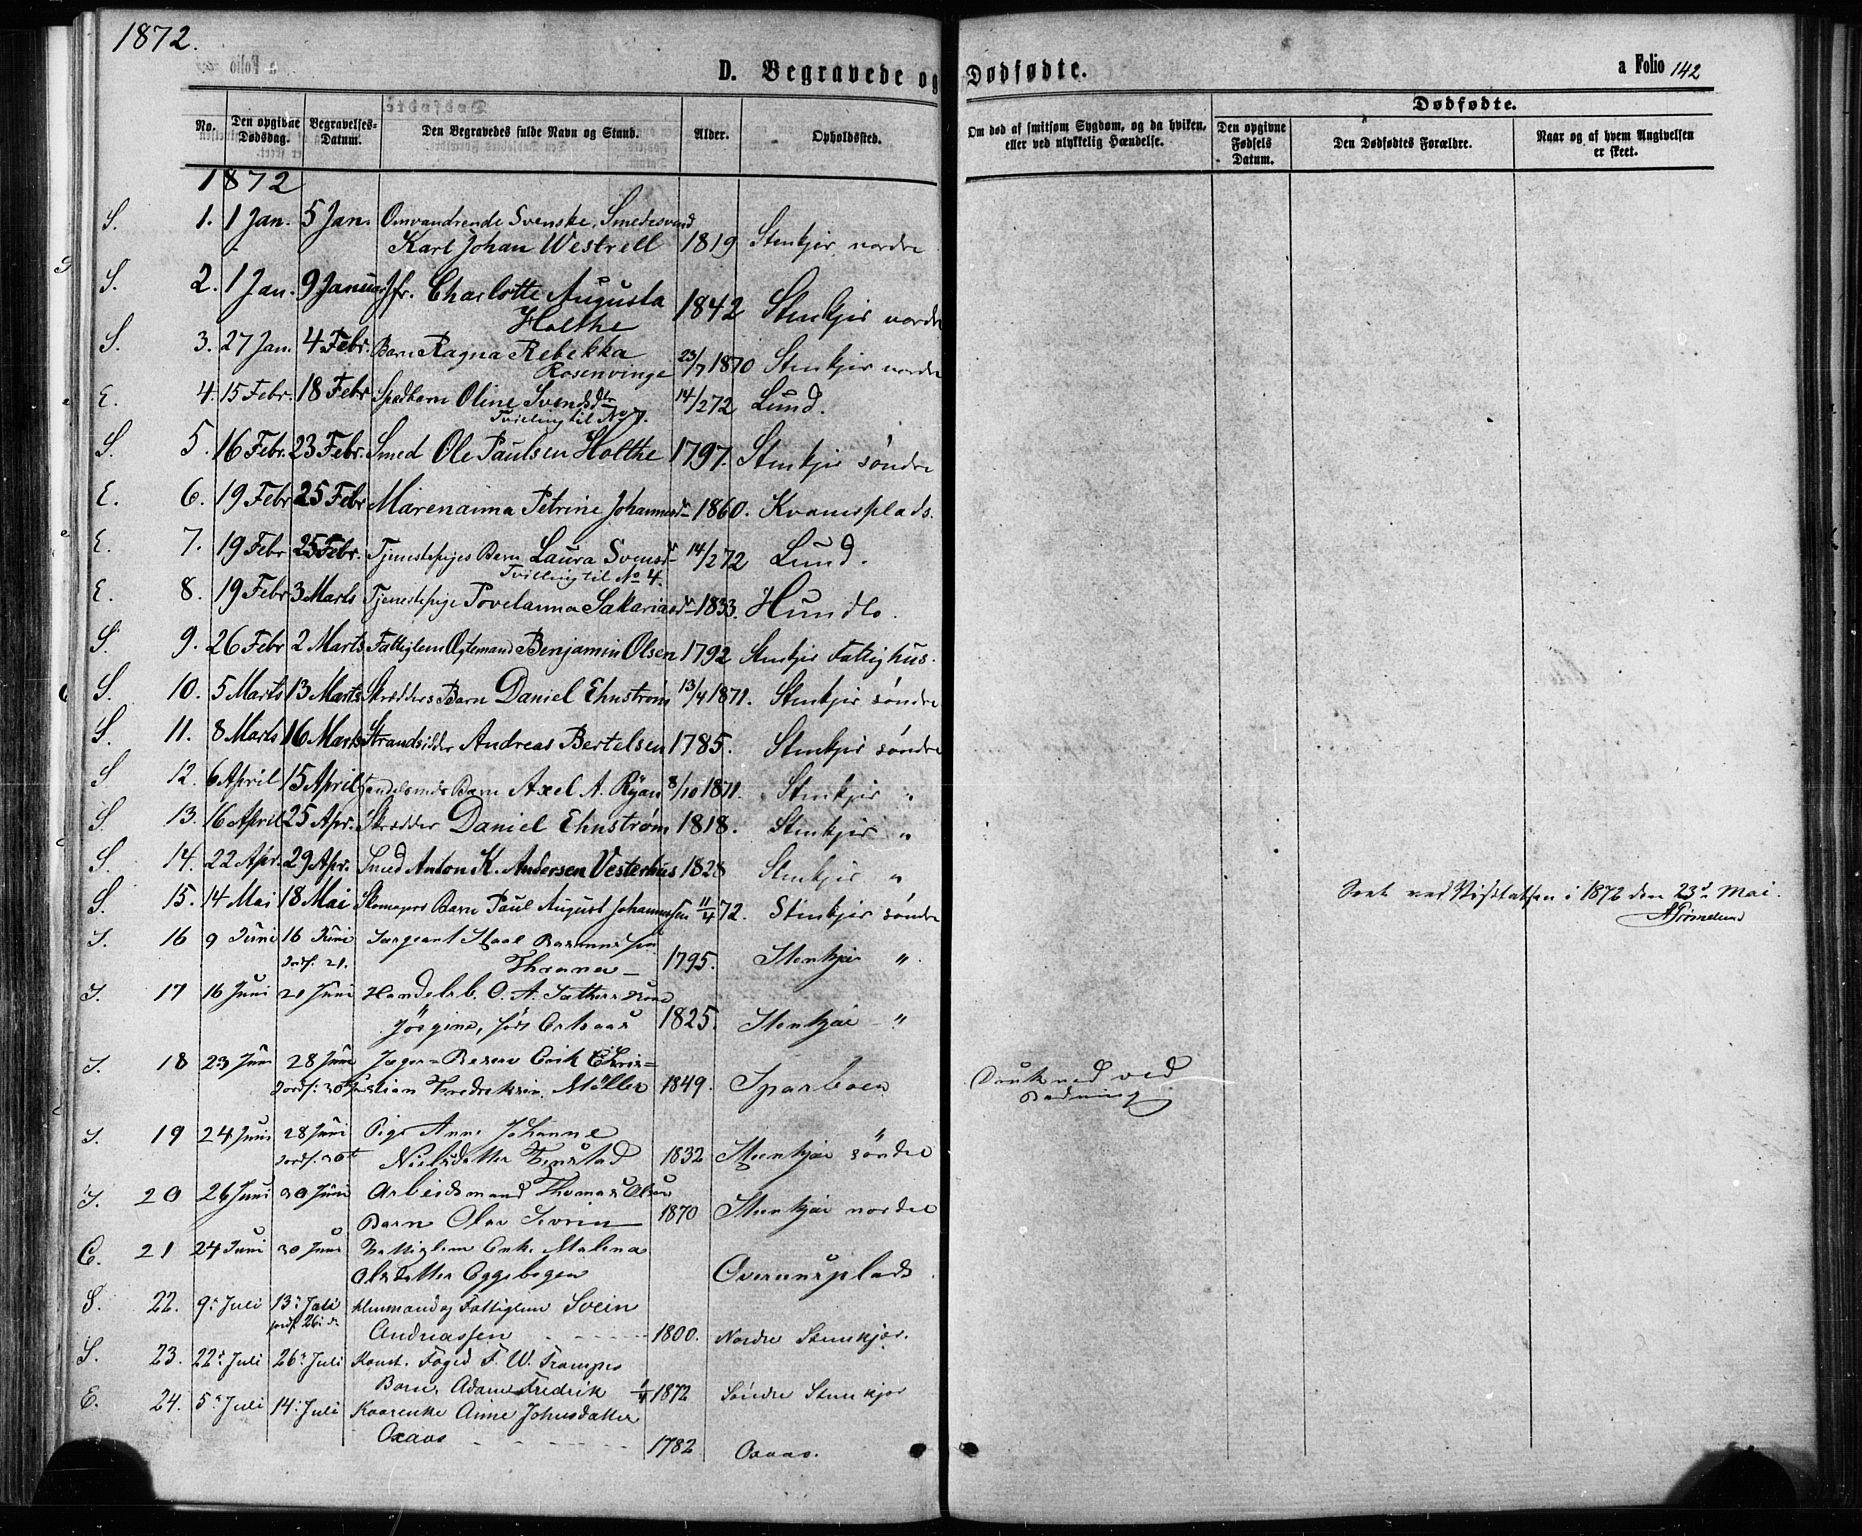 SAT, Ministerialprotokoller, klokkerbøker og fødselsregistre - Nord-Trøndelag, 739/L0370: Ministerialbok nr. 739A02, 1868-1881, s. 142